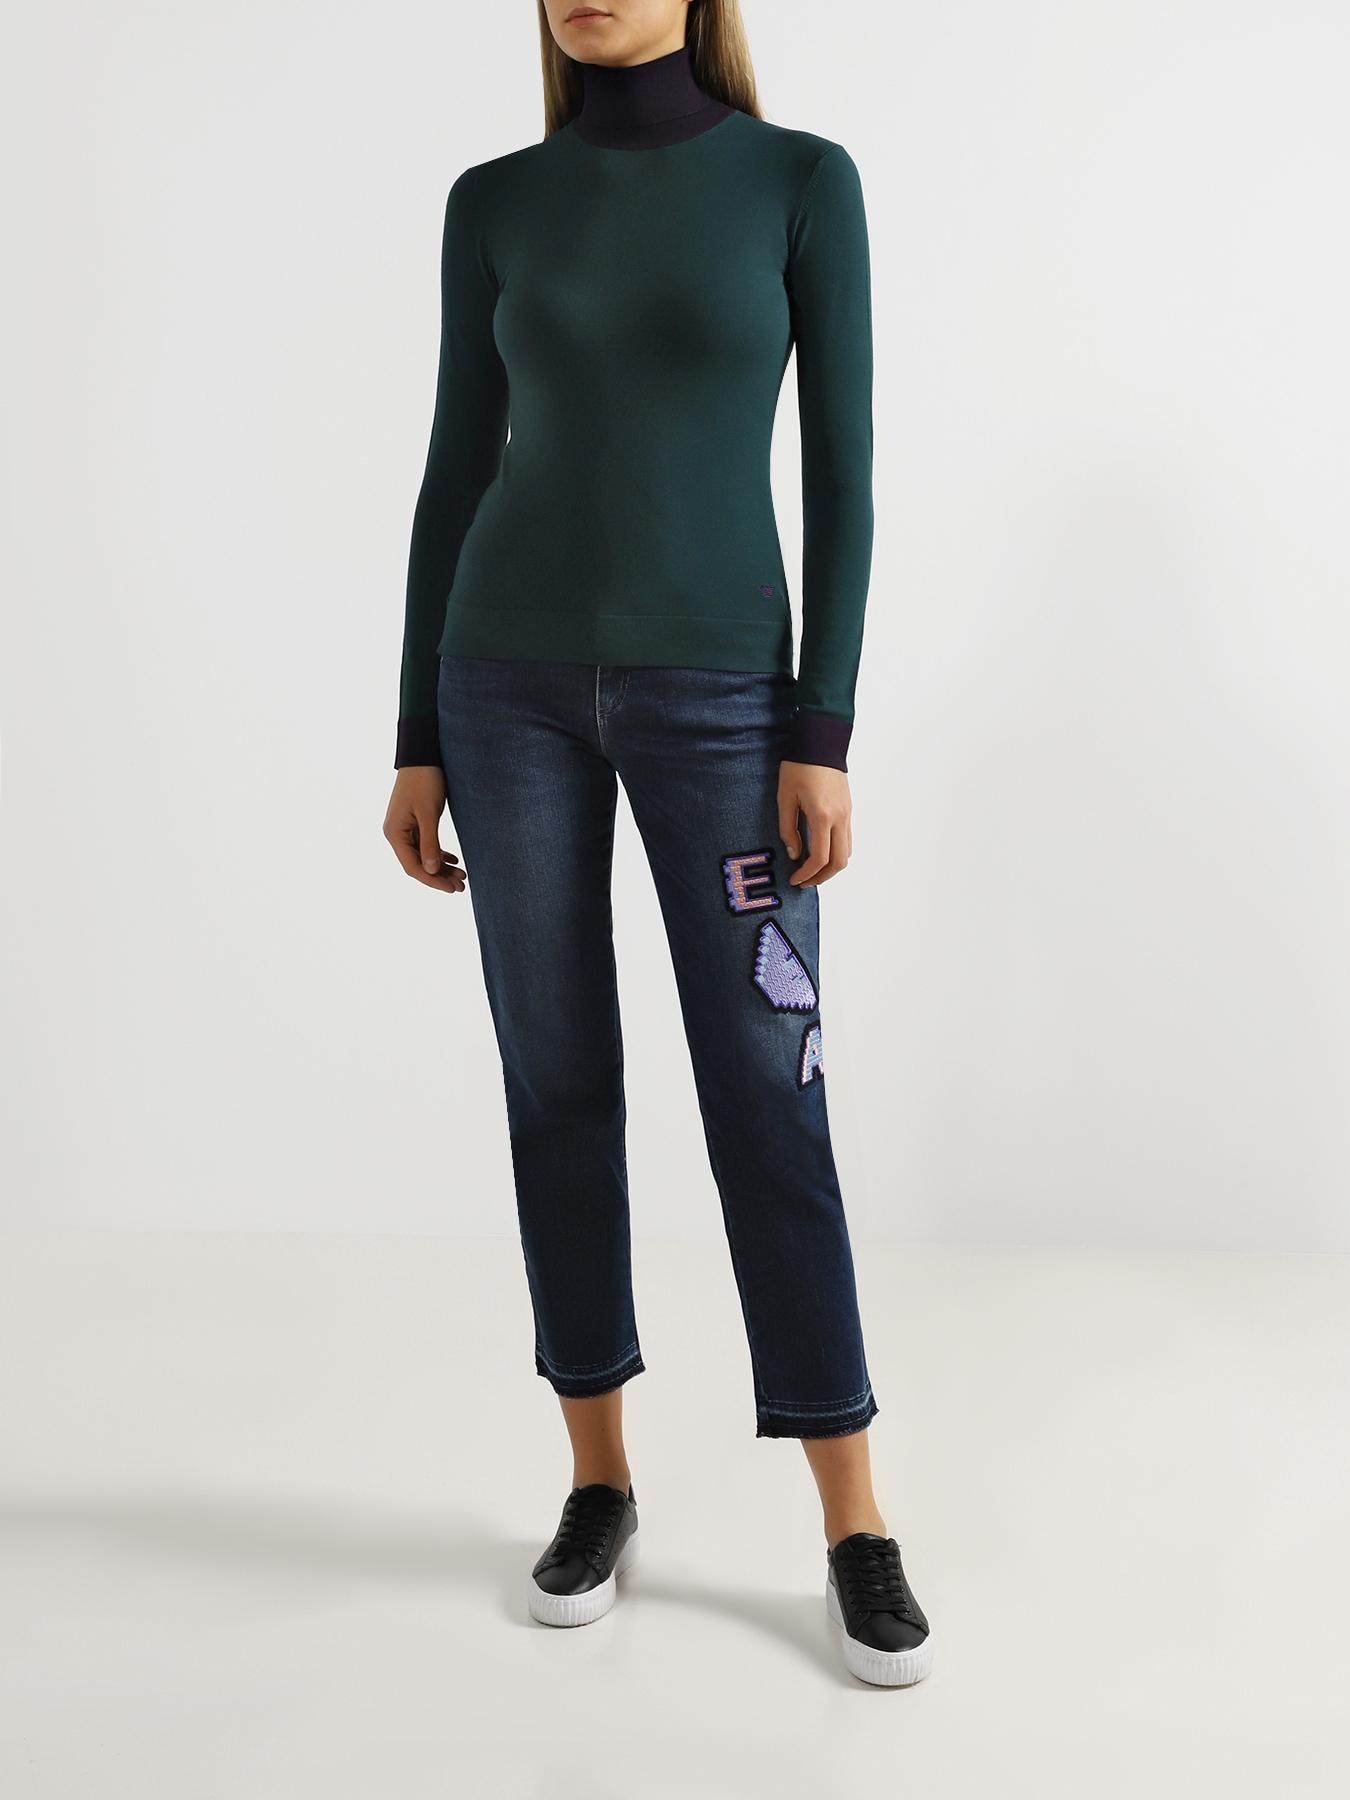 Брюки Emporio Armani Укороченные джинсы J15 джинсы lime укороченные джинсы